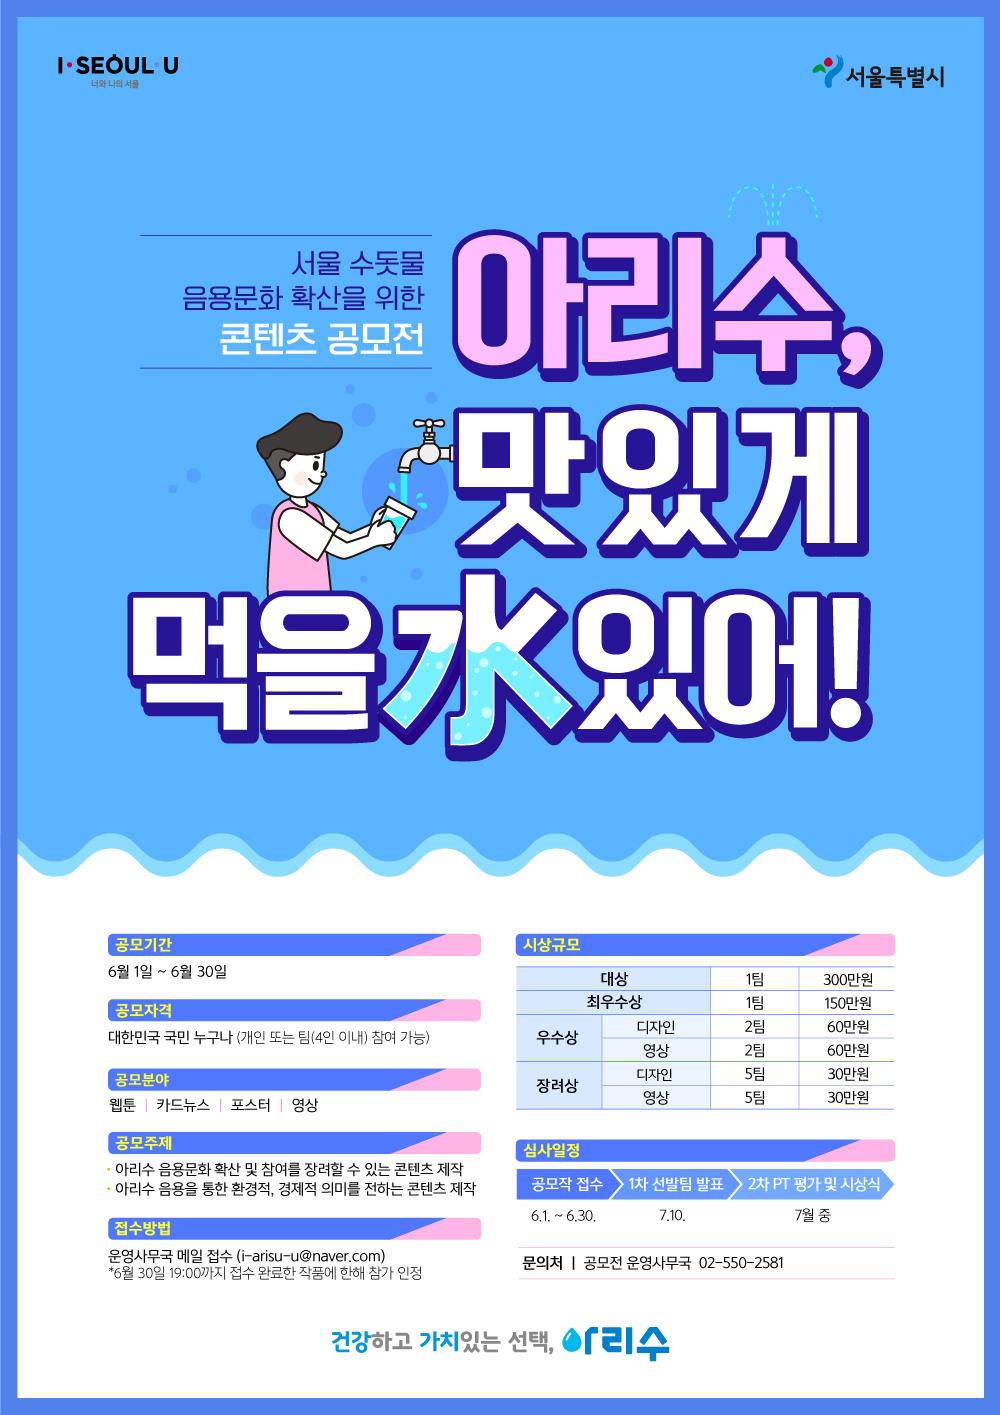 서울수돗물 음용문화 확산을 위한 콘텐츠 공모전 아리수, 맛있게 먹을 수 있어! 공모기간 6월1일~6월30일 공모자격 대한민국 굼닌 누구나(개인 또는 팀(4인이내)참여가능)